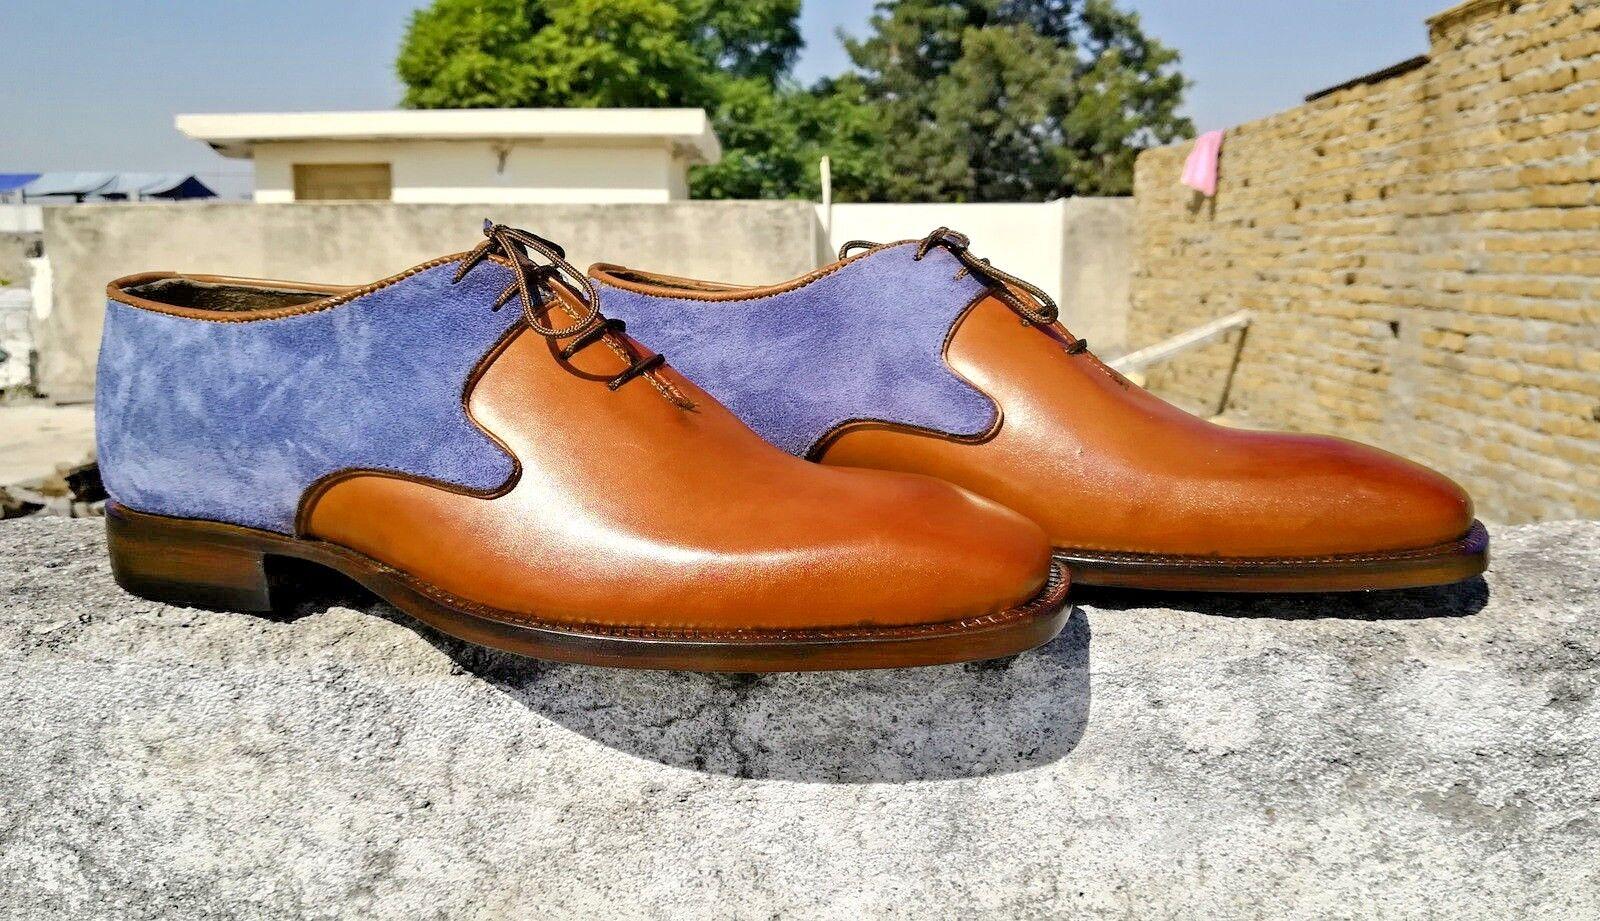 Hecho a mano para hombres Cuero Genuino azul Suede & Bronceado Con Cordones Zapatos Oxford Formal